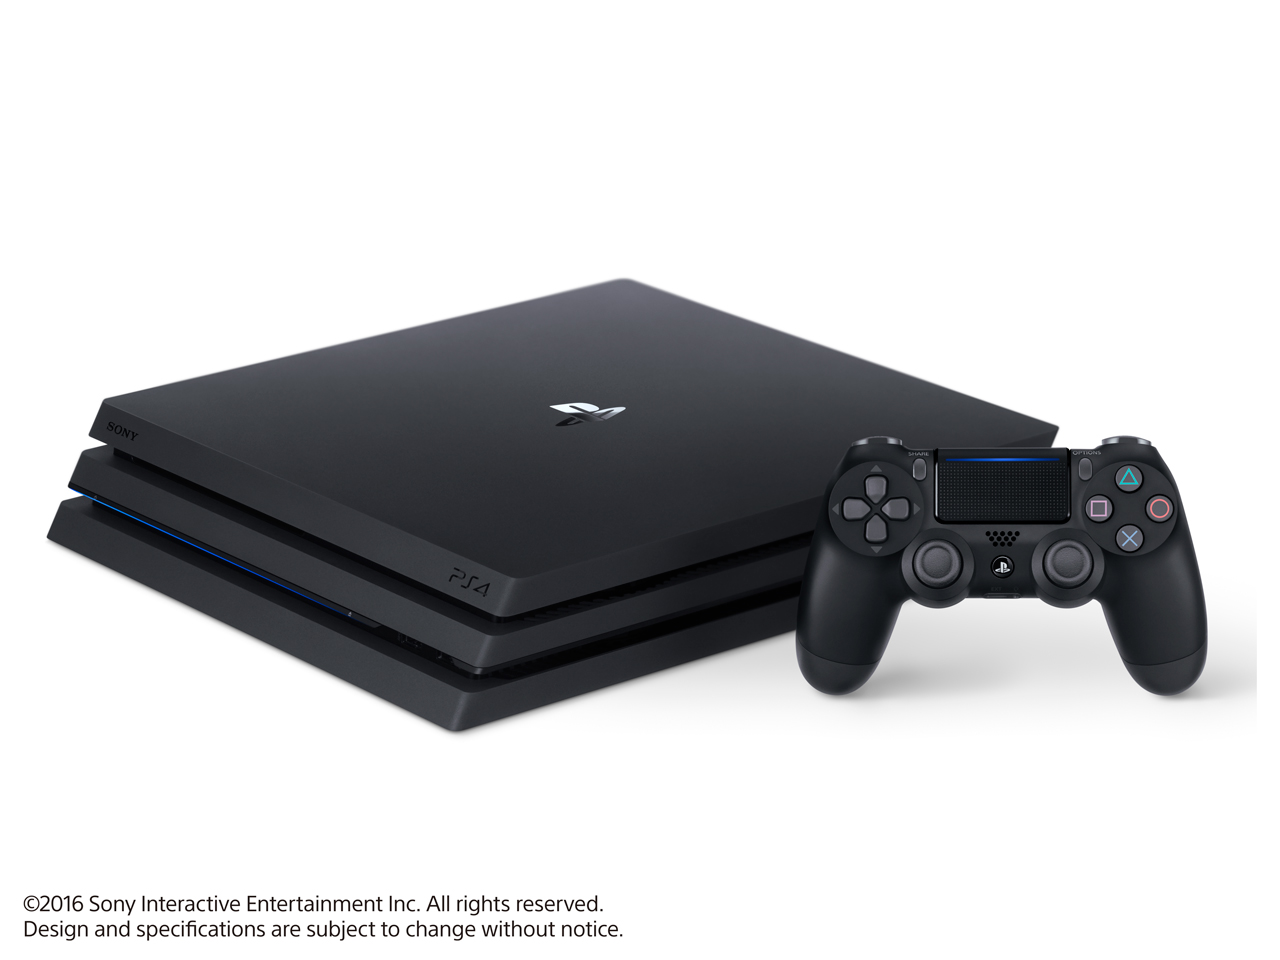 『本体2』 プレイステーション4 Pro HDD 1TB ジェット・ブラック CUH-7000BB01 の製品画像